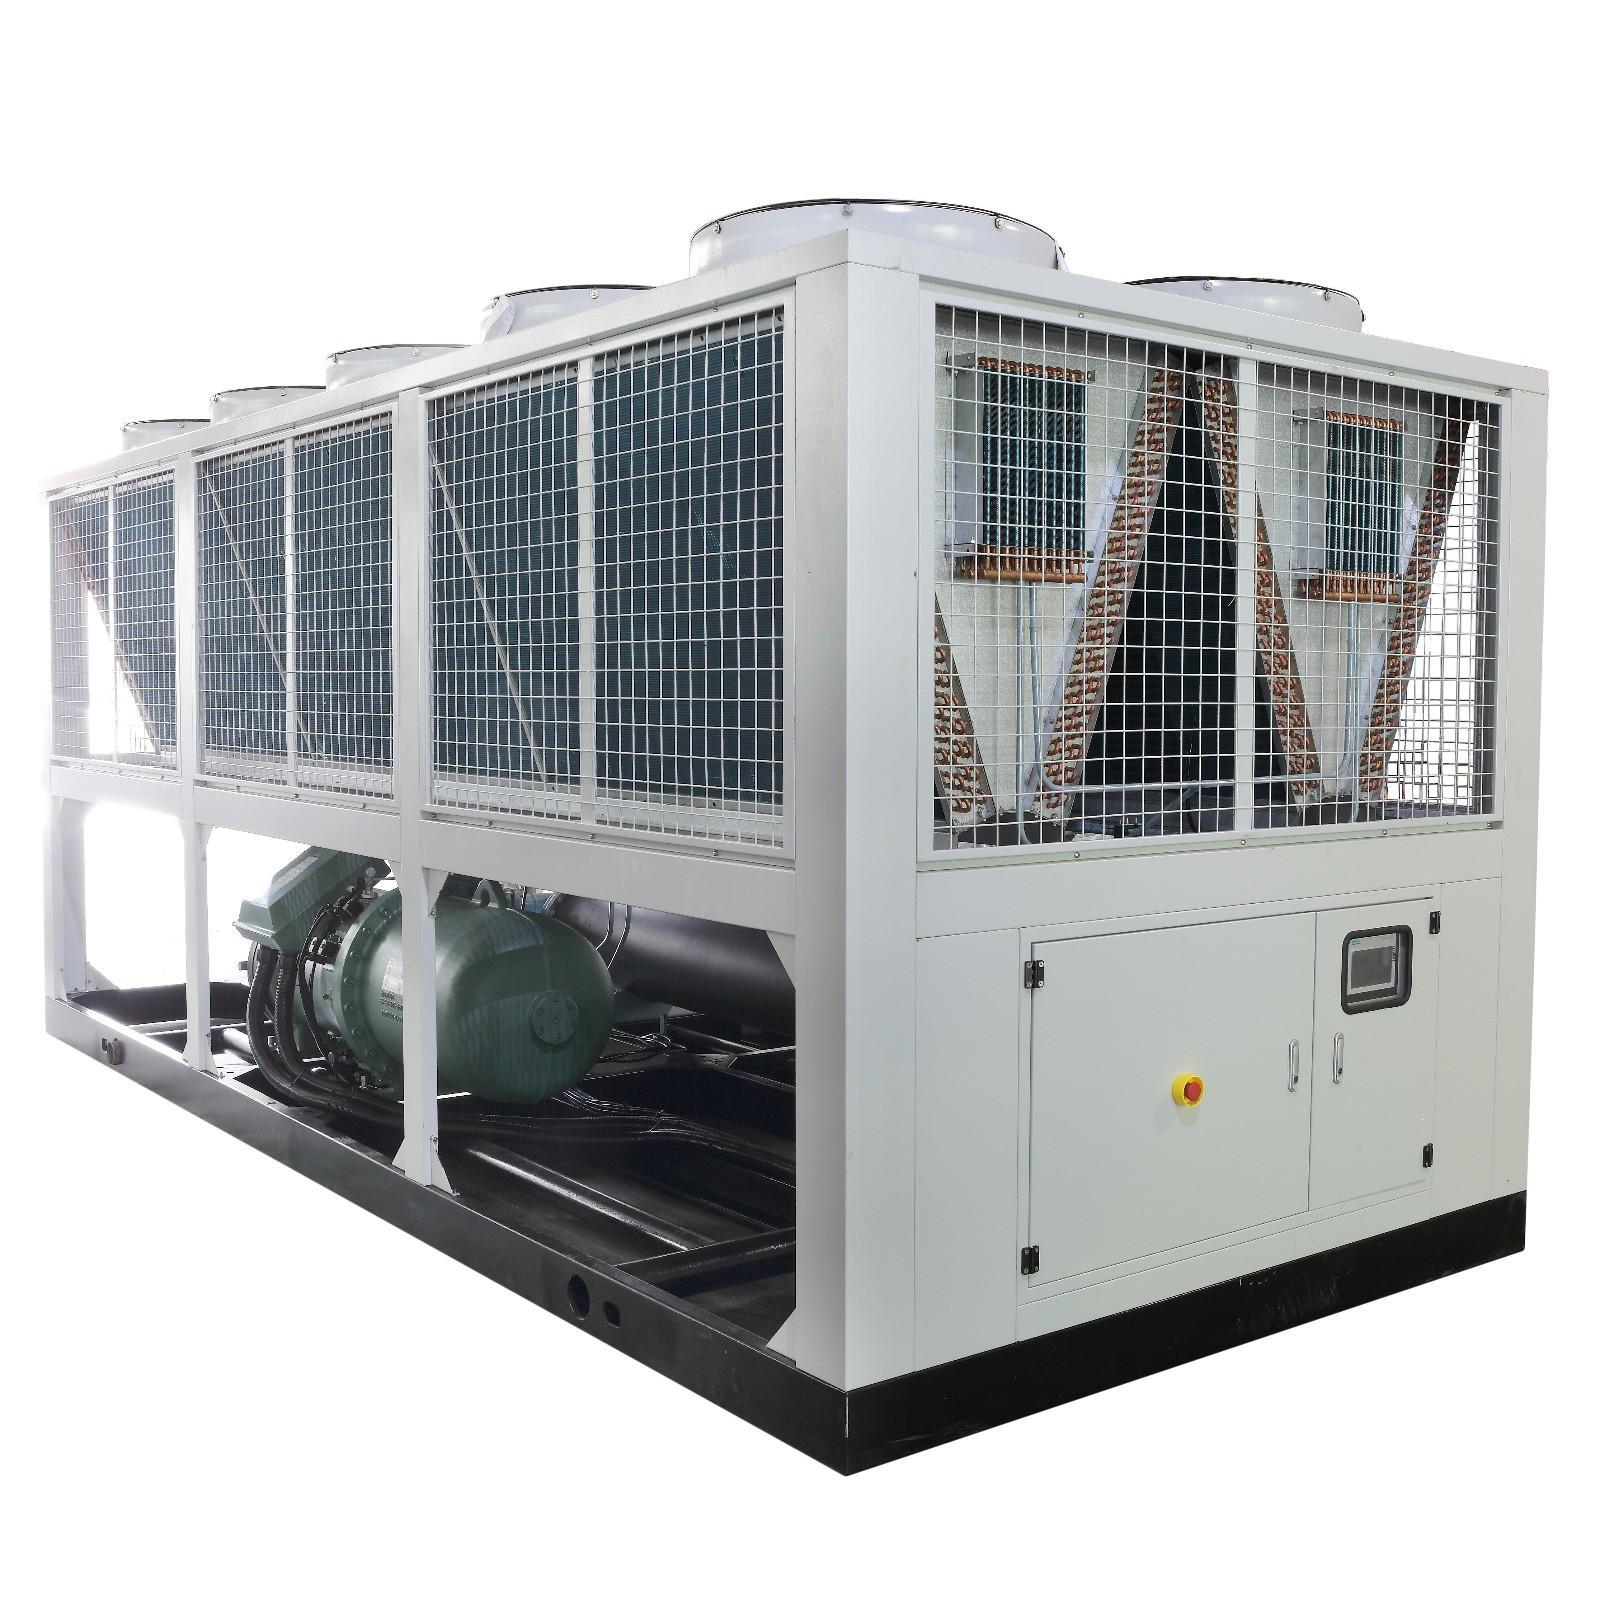 安徽风冷式螺杆制冷机组